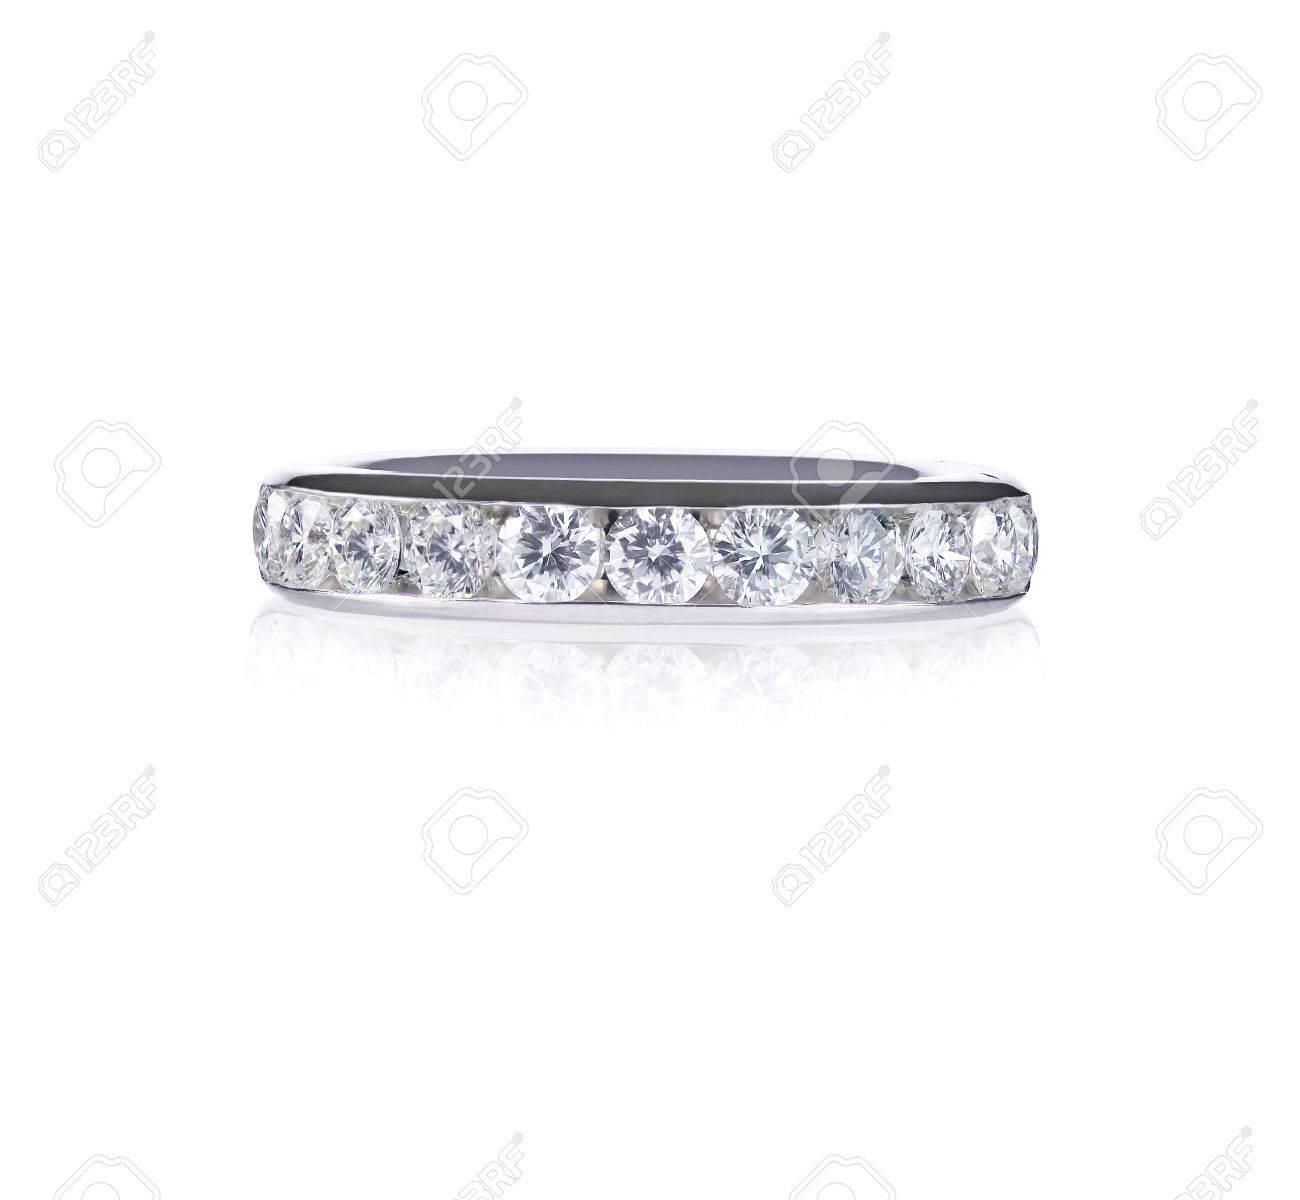 mieux choisir rabais de premier ordre regard détaillé Bello anello banda eternità canale diamante set anniversario con diamanti  incastonati in oro bianco. cerimonia nuziale di modo o banda anniversario.